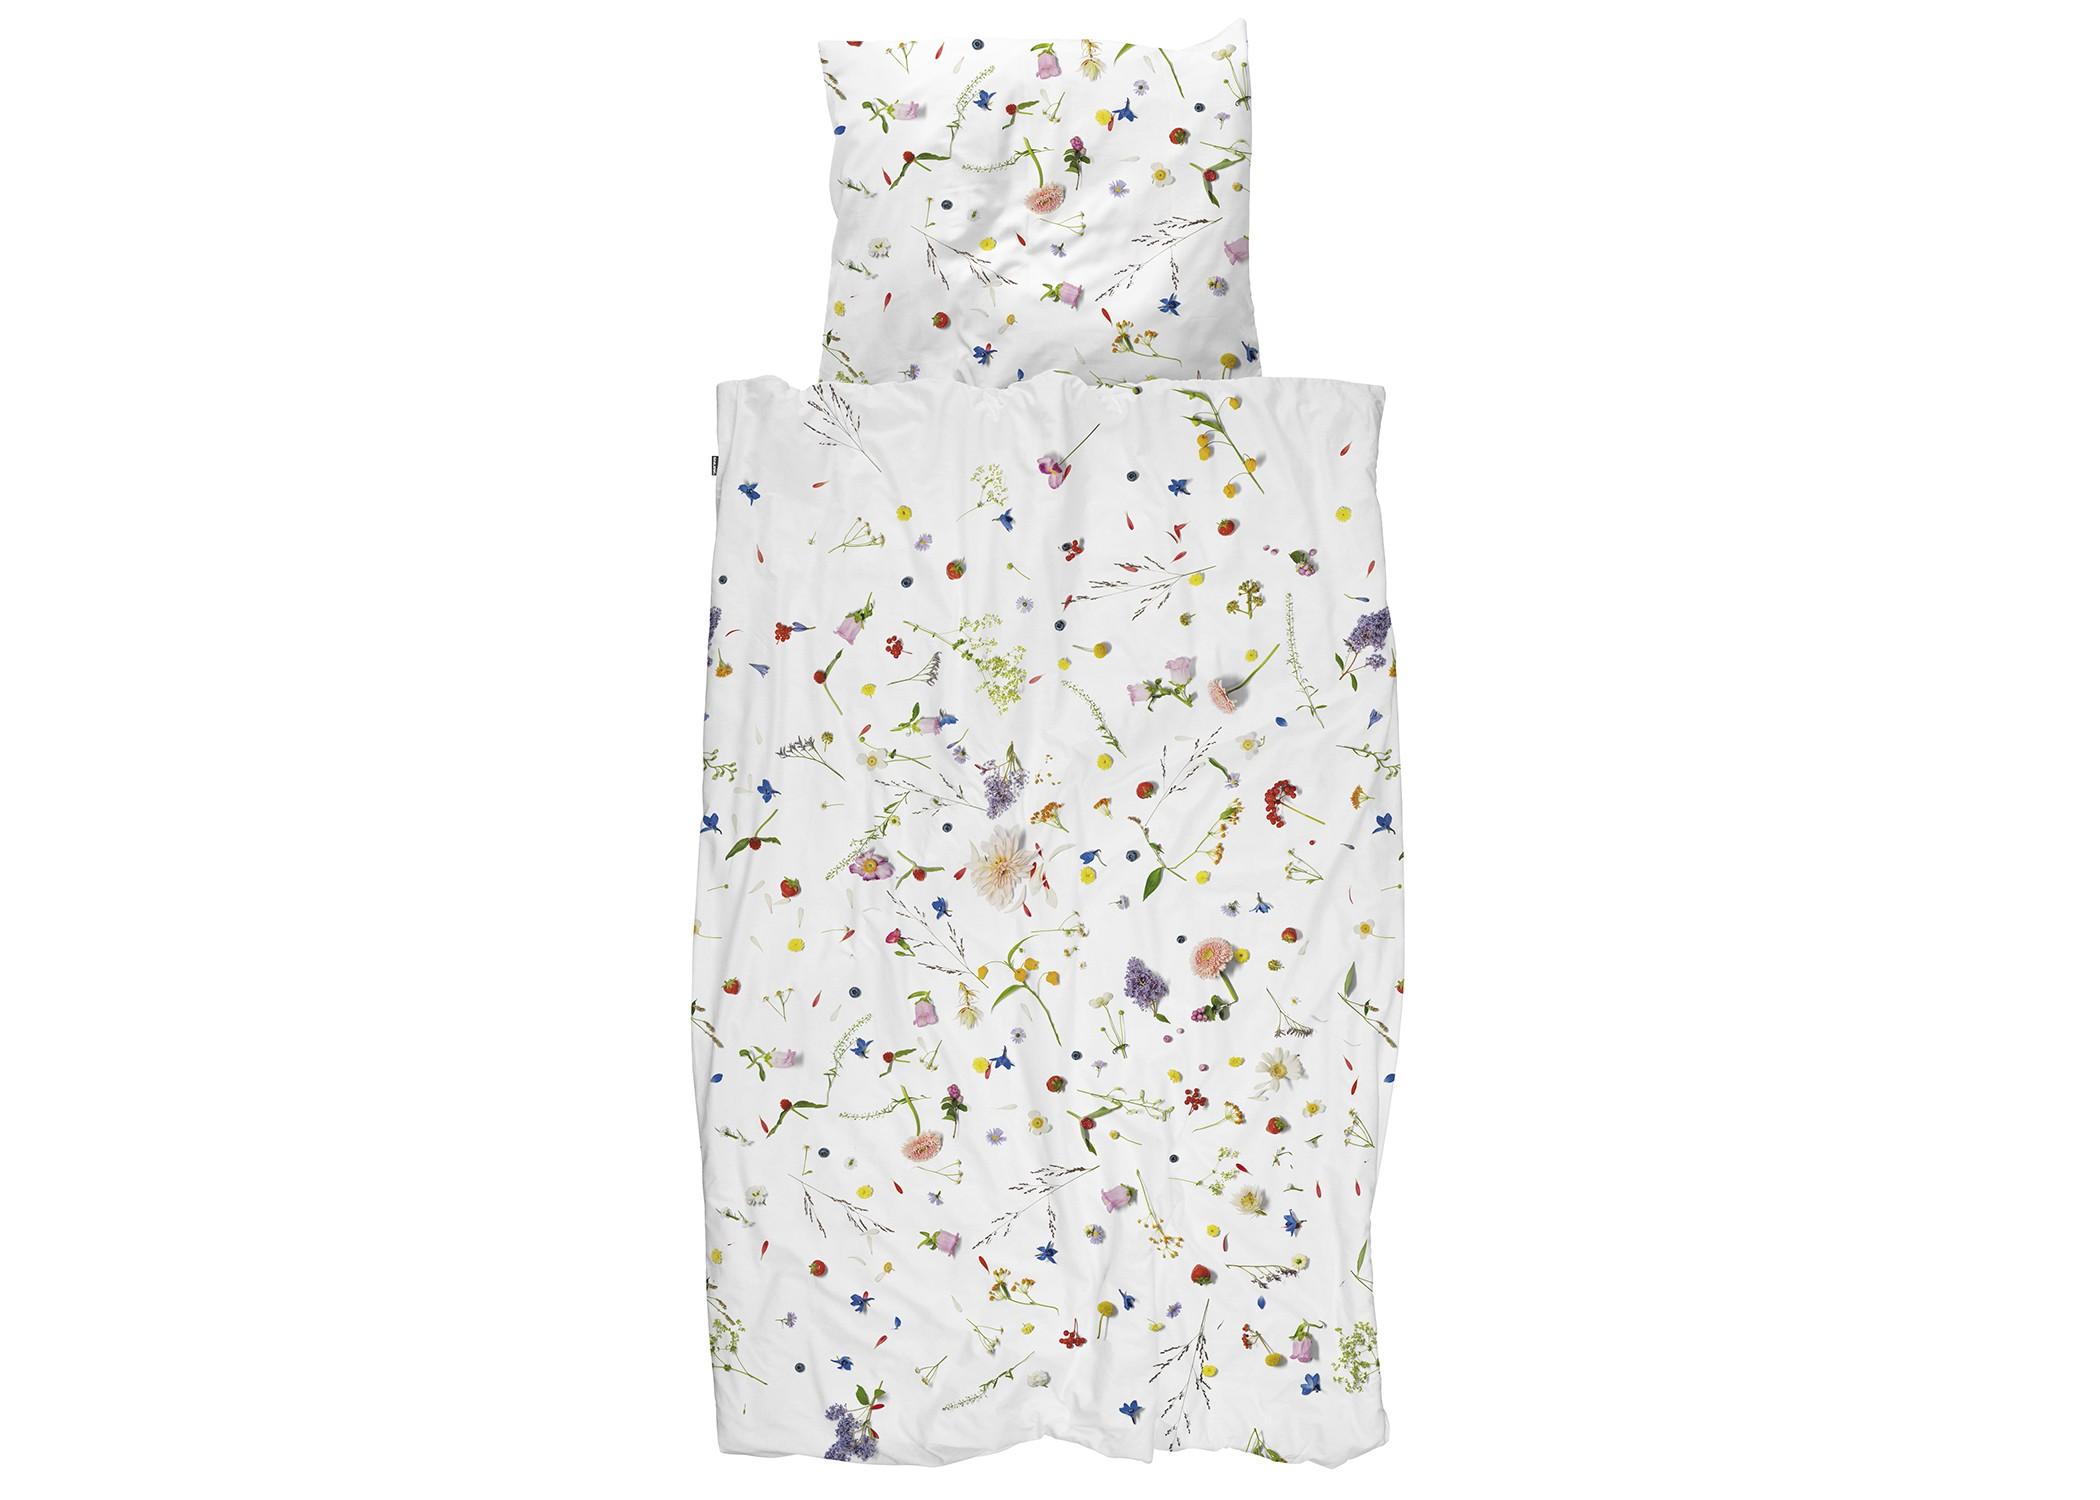 Комплект постельного белья Цветочные поляПолутороспальные комлпекты постельного белья<br>Существует бесчисленное множество комплектов постельного белья с цветочным принтом, но они никогда не были по-настоящему летними и такими реалистичными. Все эти полевые цветы и травы будто разбросаны по одеялу. Но от них не начнется аллергия на пыльцу.&amp;amp;nbsp;&amp;lt;div&amp;gt;&amp;lt;br&amp;gt;&amp;lt;/div&amp;gt;&amp;lt;div&amp;gt;Материал: 100% хлопок ПЕРКАЛЬ (плотность ткани 214г/м2).&amp;lt;div&amp;gt;&amp;lt;span style=&amp;quot;line-height: 1.78571;&amp;quot;&amp;gt;В комплект входит: пододеяльник 150х200см - 1 шт, наволочка 50х70см - 1 шт.&amp;lt;/span&amp;gt;&amp;lt;br&amp;gt;&amp;lt;/div&amp;gt;&amp;lt;/div&amp;gt;<br><br>Material: Хлопок<br>Ширина см: 150.0<br>Глубина см: 200.0